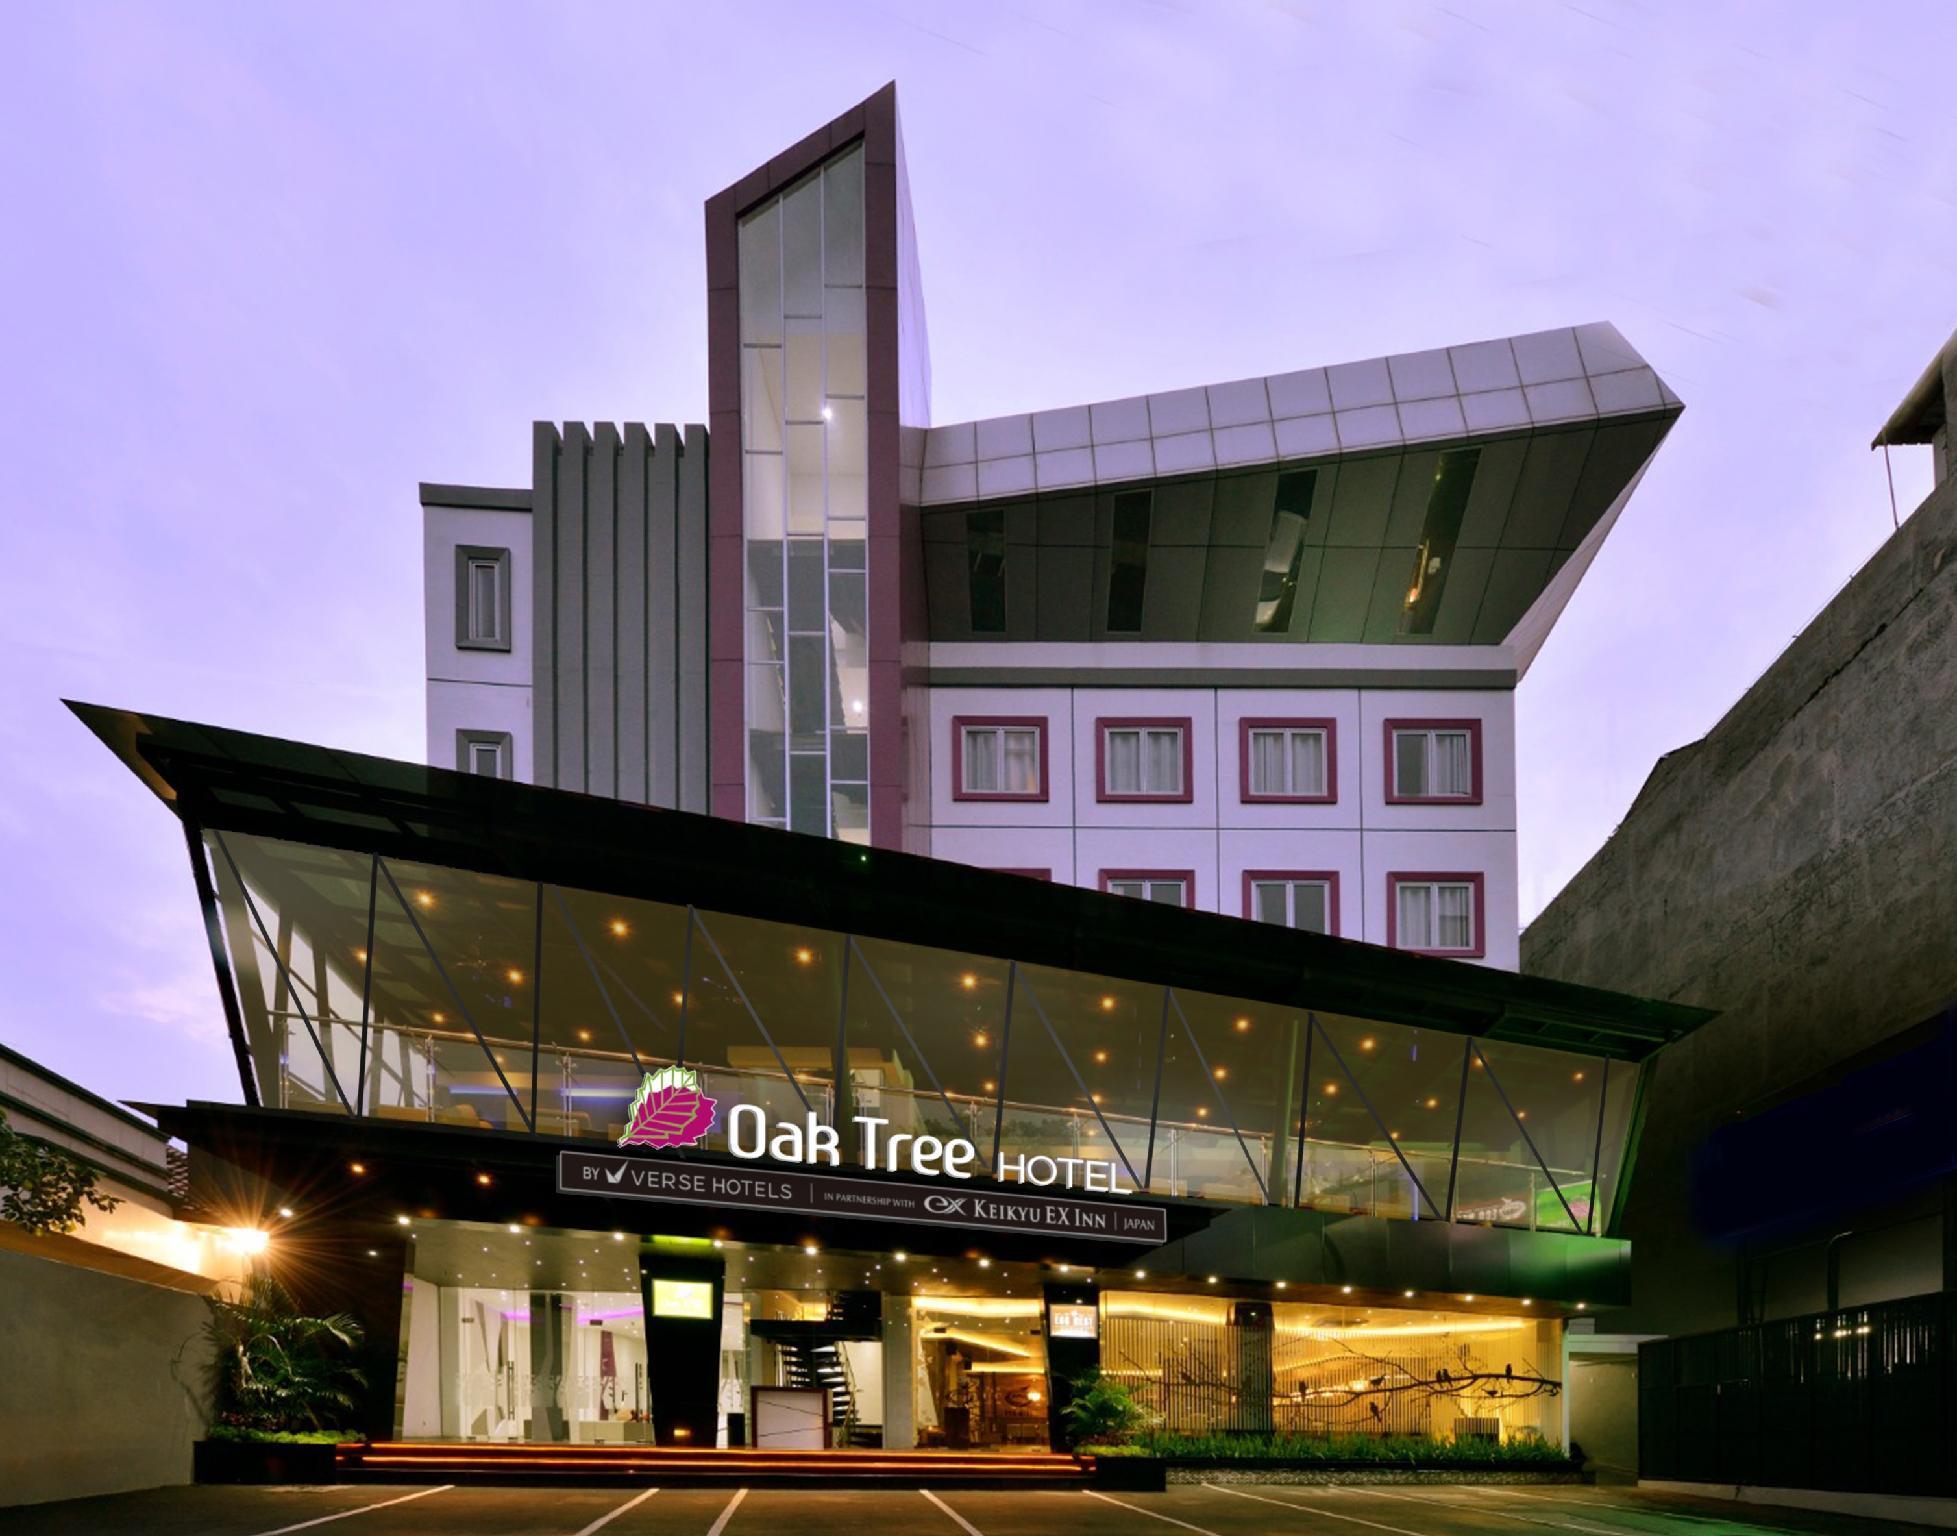 Oak Tree Urban Hotel